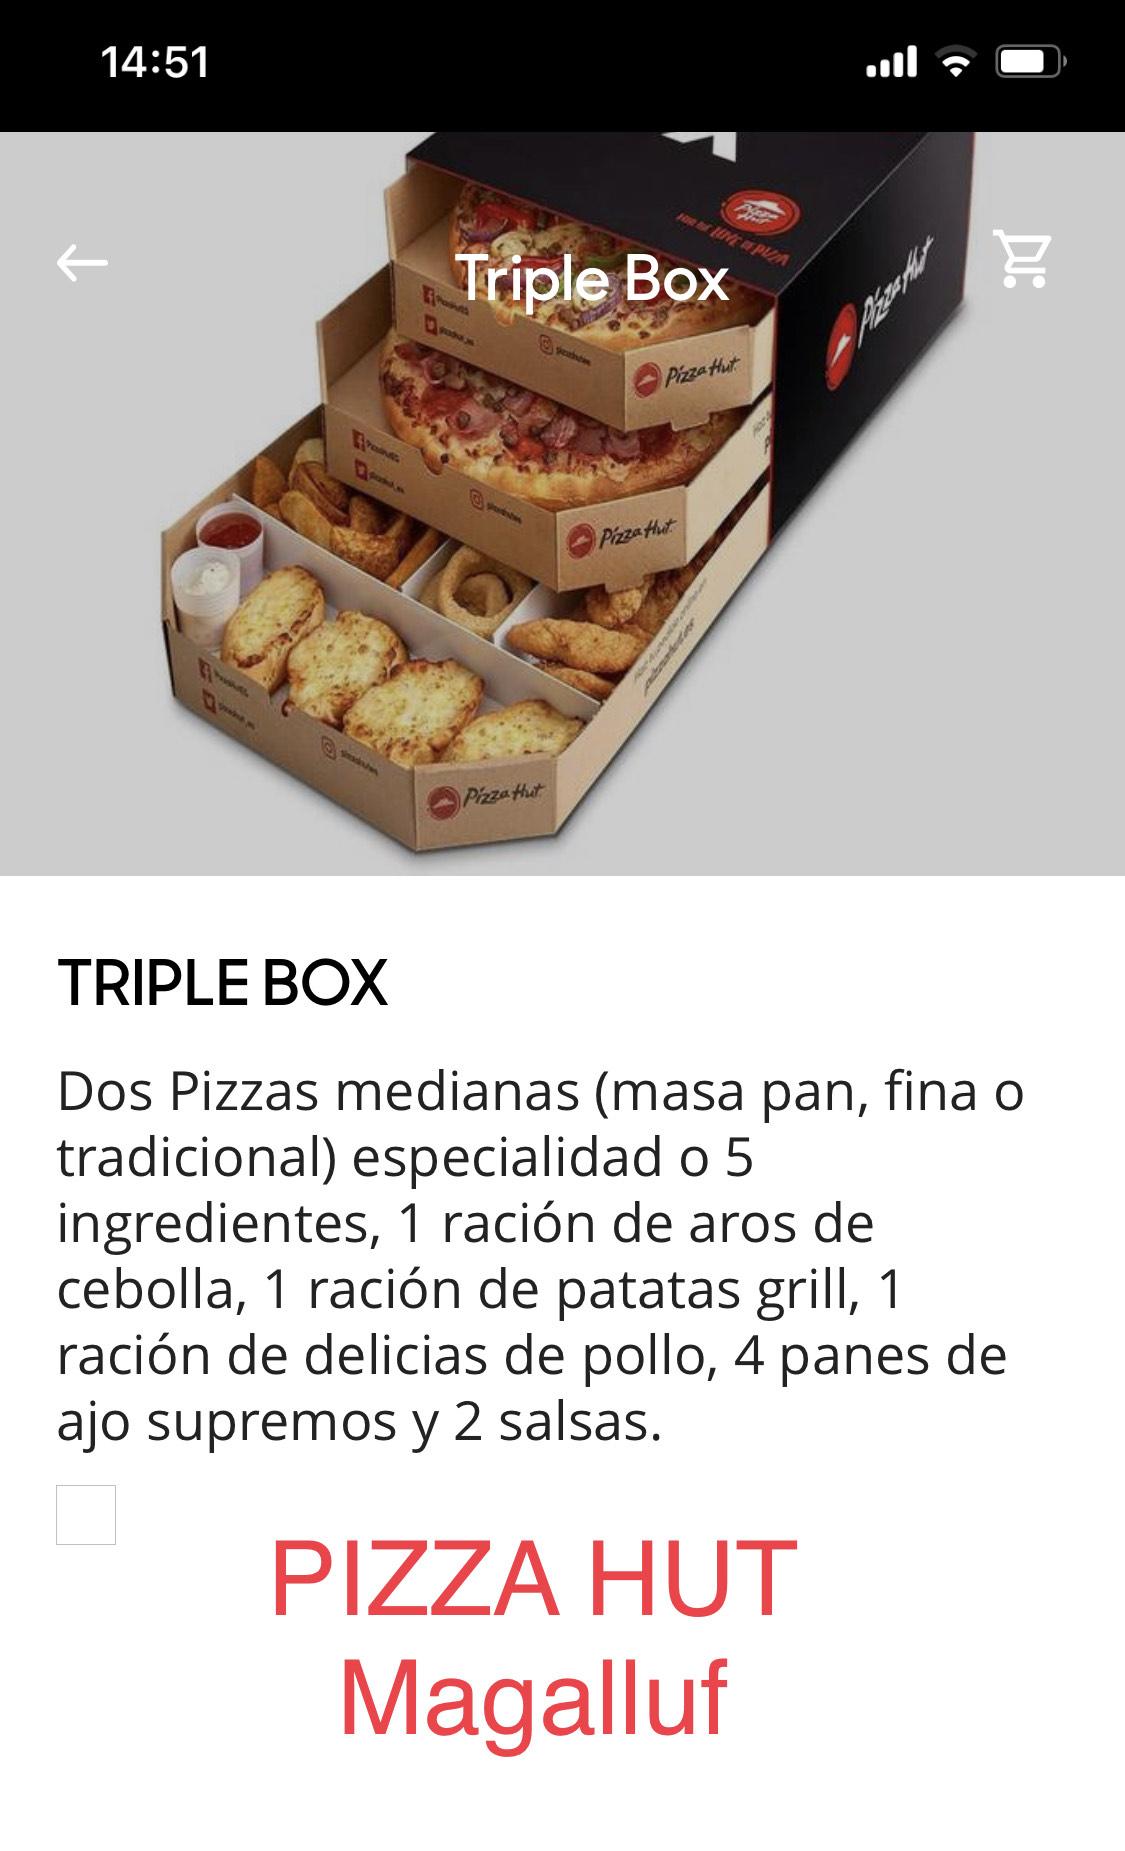 Triple Box Pizza Hut